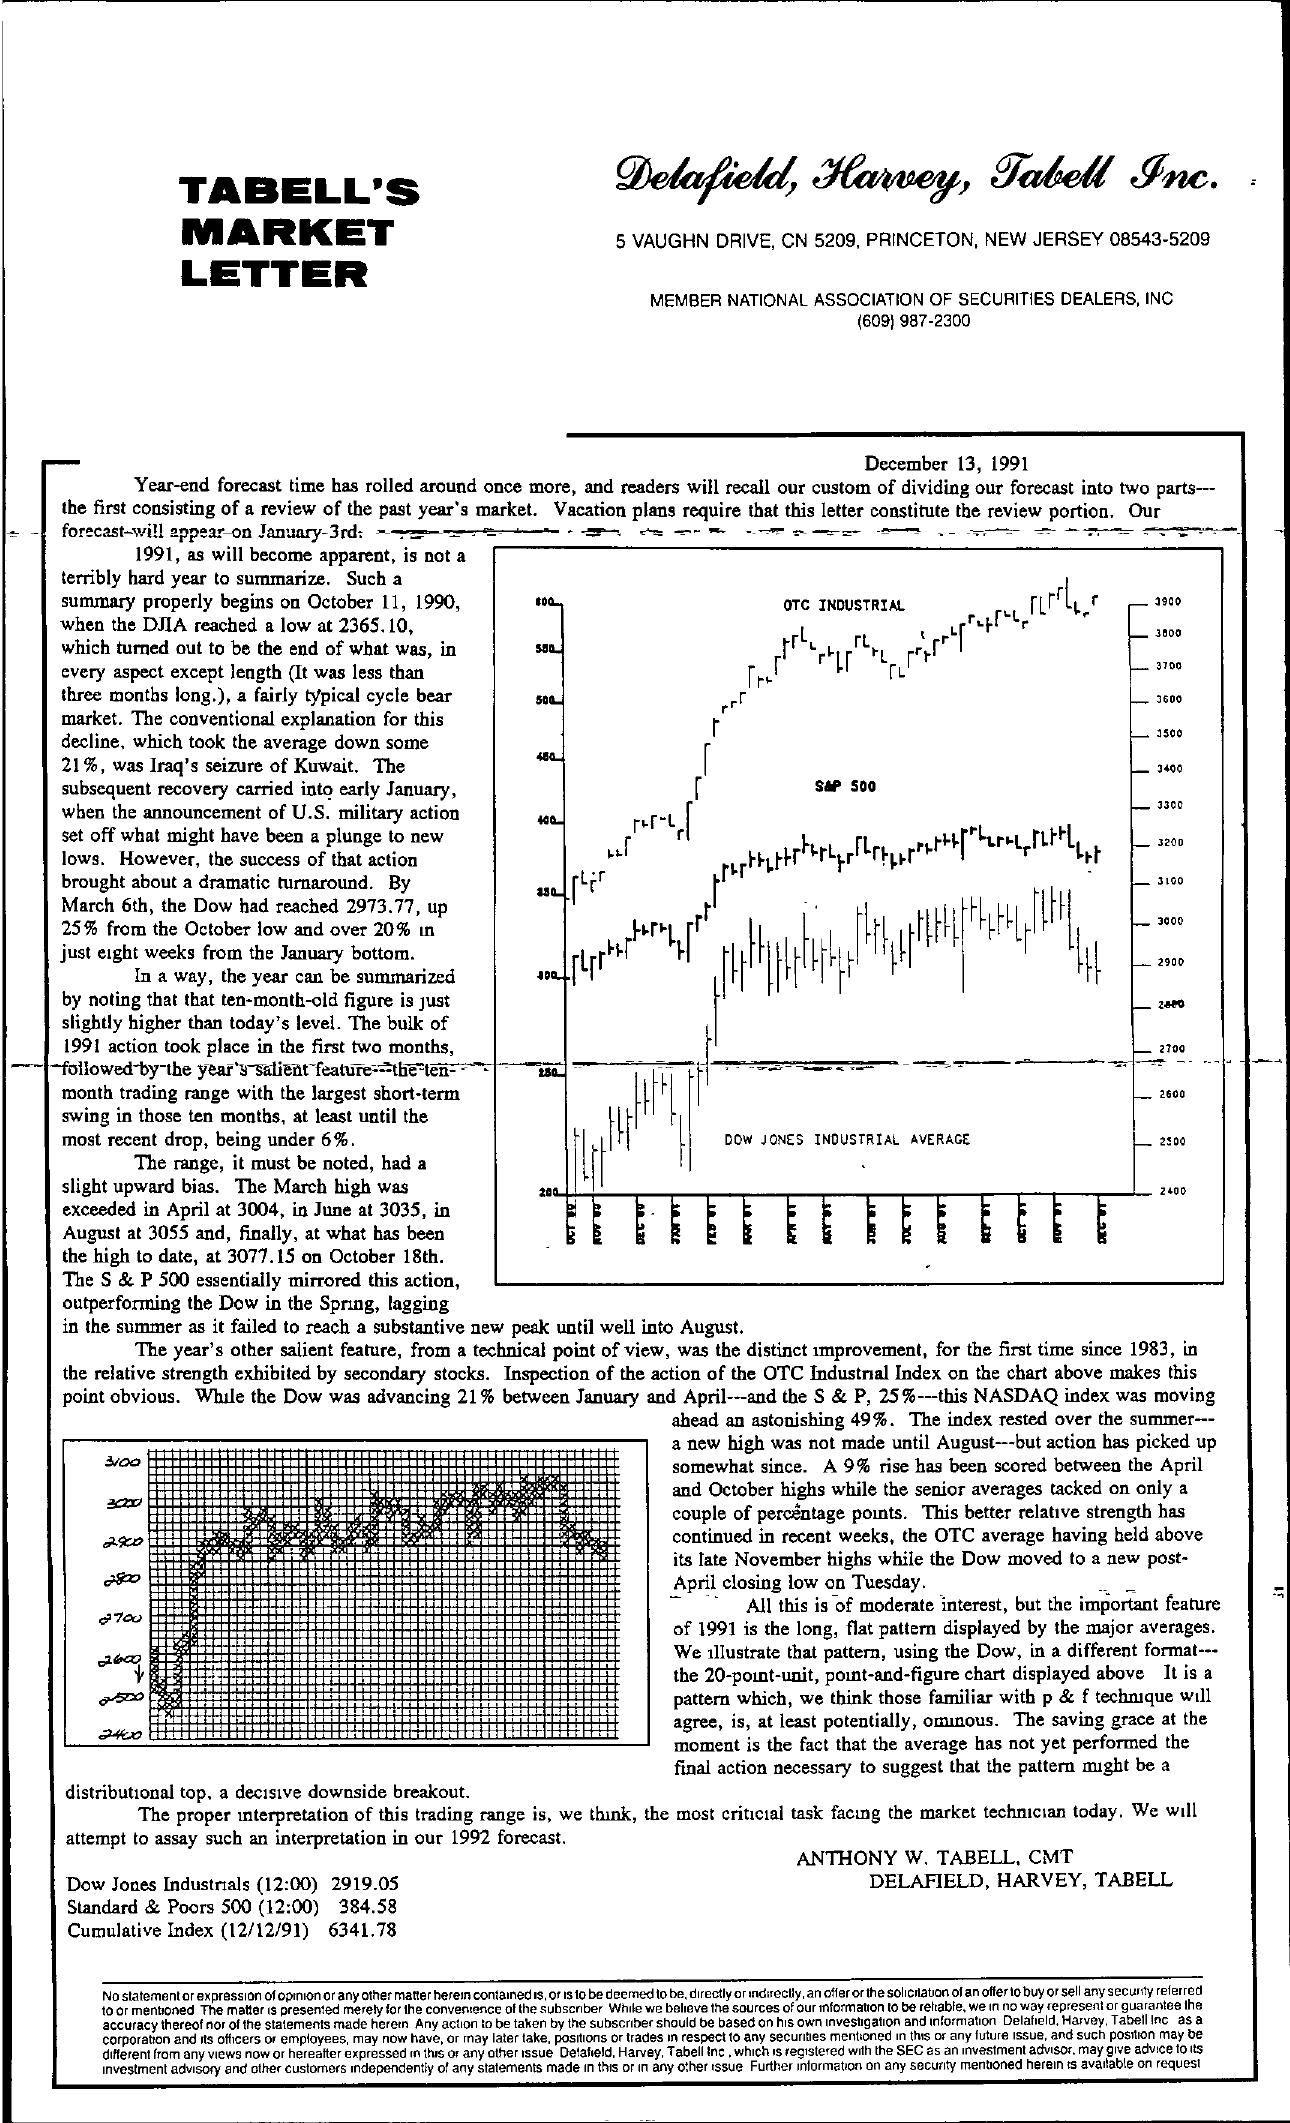 Tabell's Market Letter - December 13, 1991